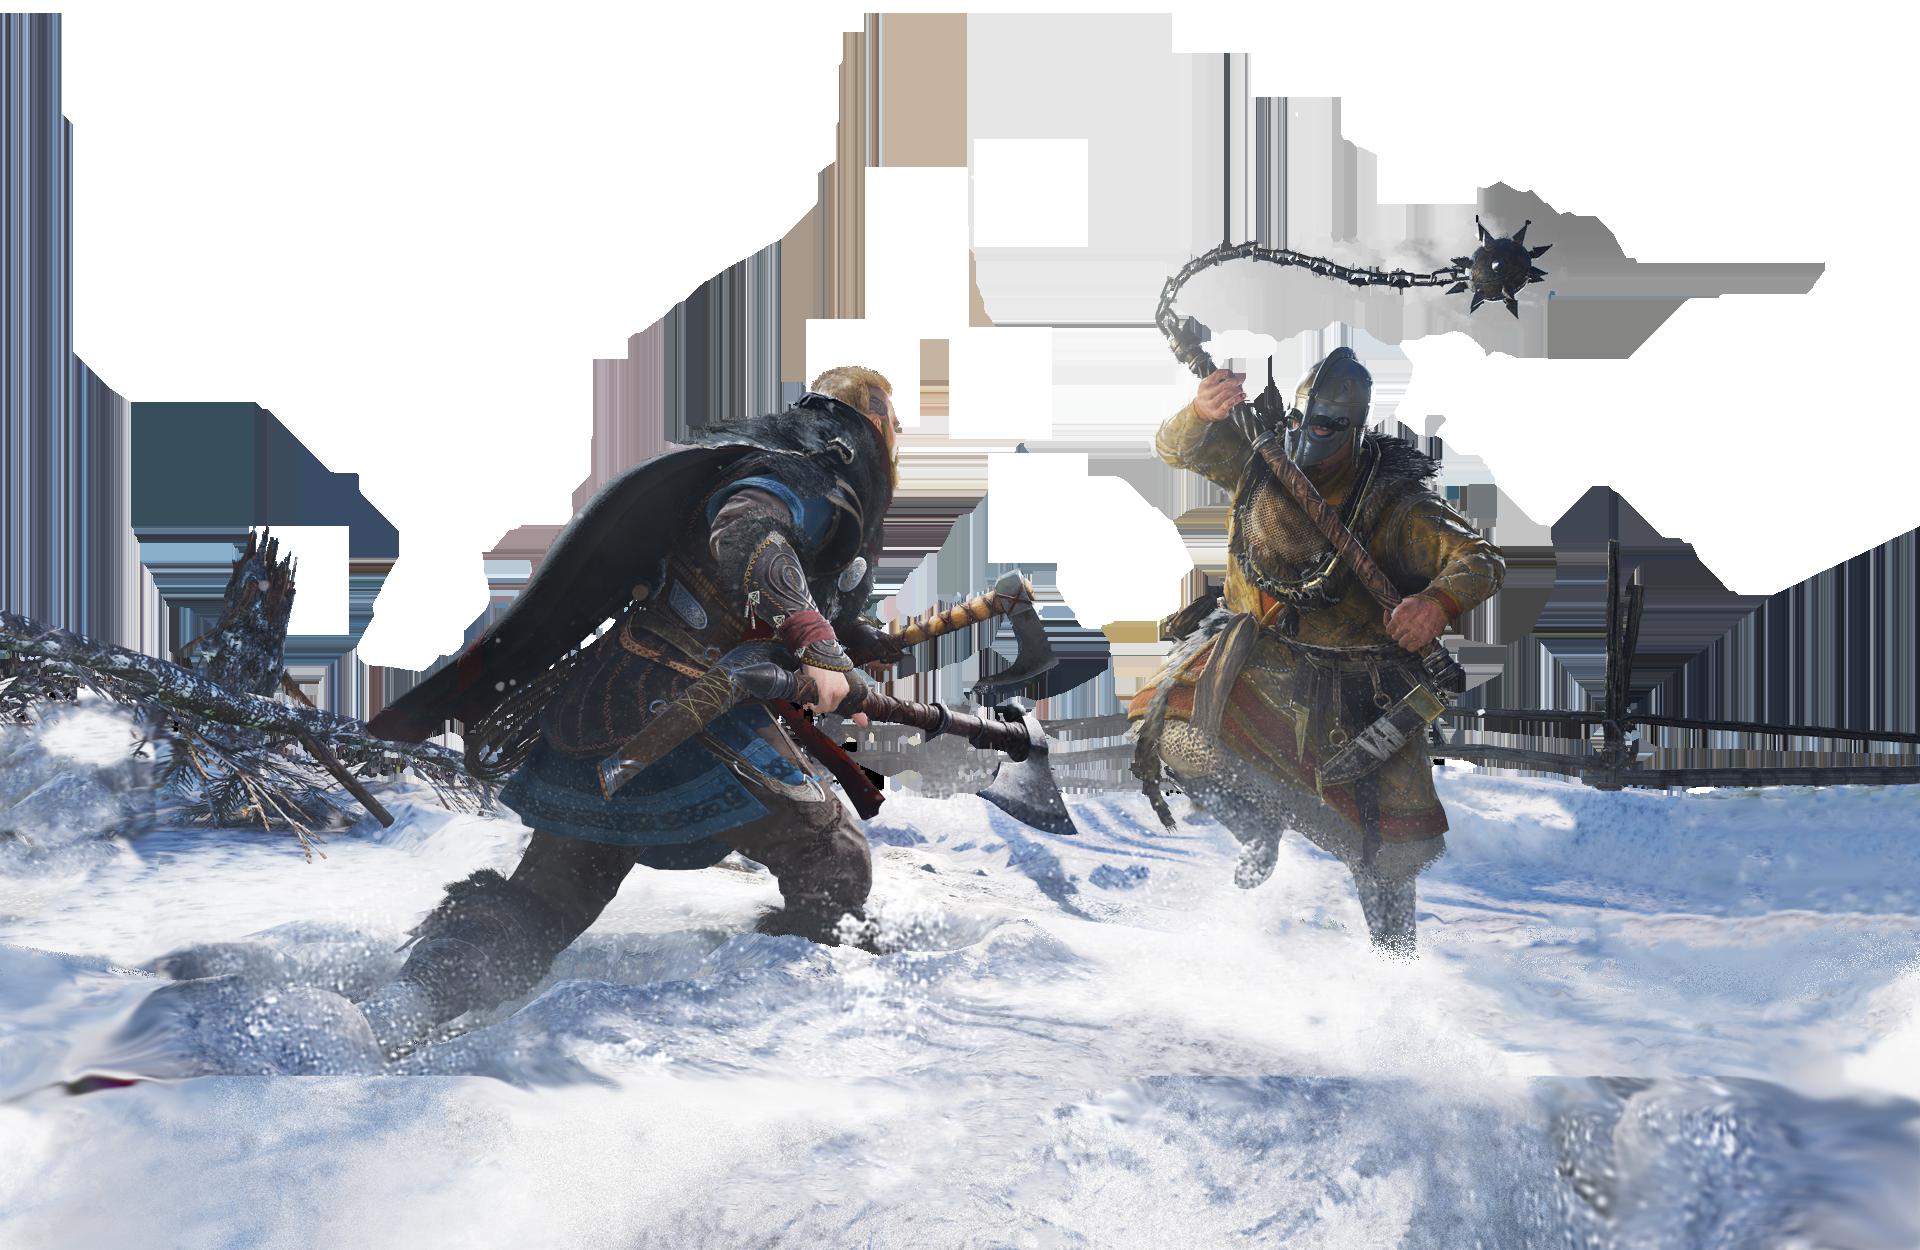 Assassin's Creed Valhalla. Eivor harcol a buzogányt forgató ellenséggel.